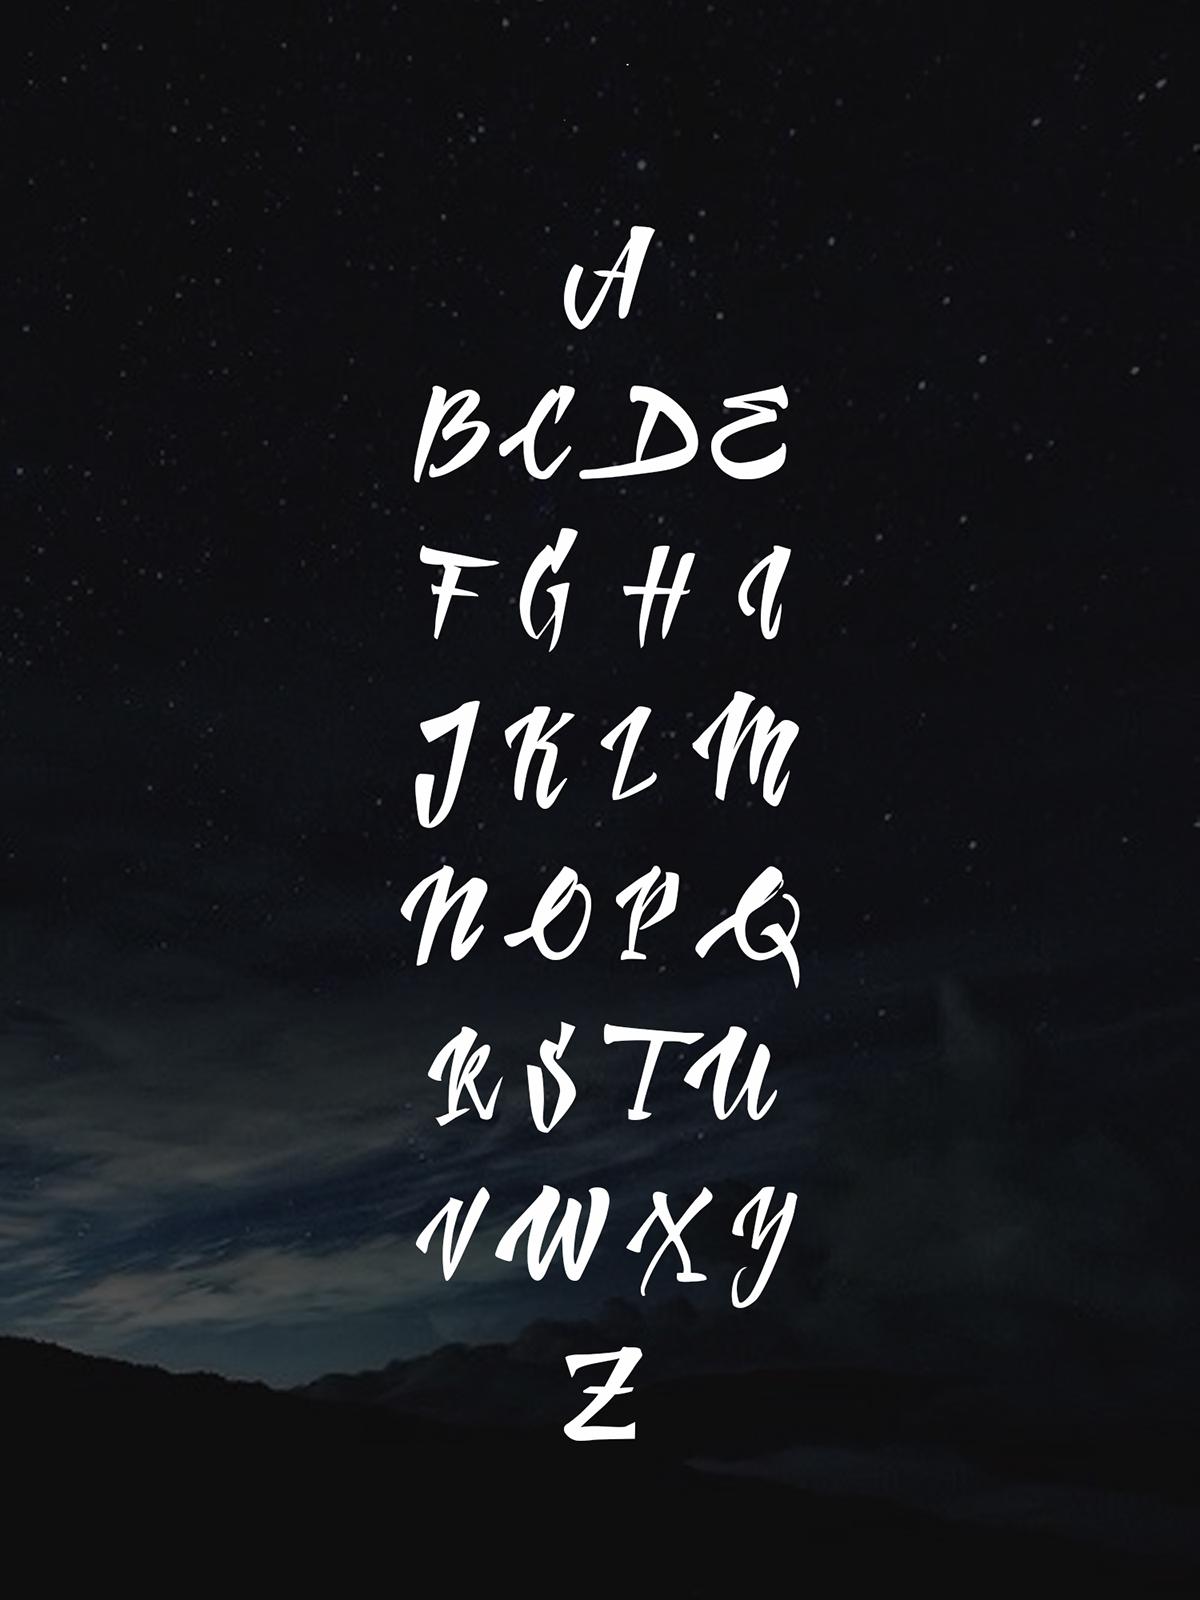 free,font,lettering,koggio,sashakoggio,hadletter,Handlettering,brushpen